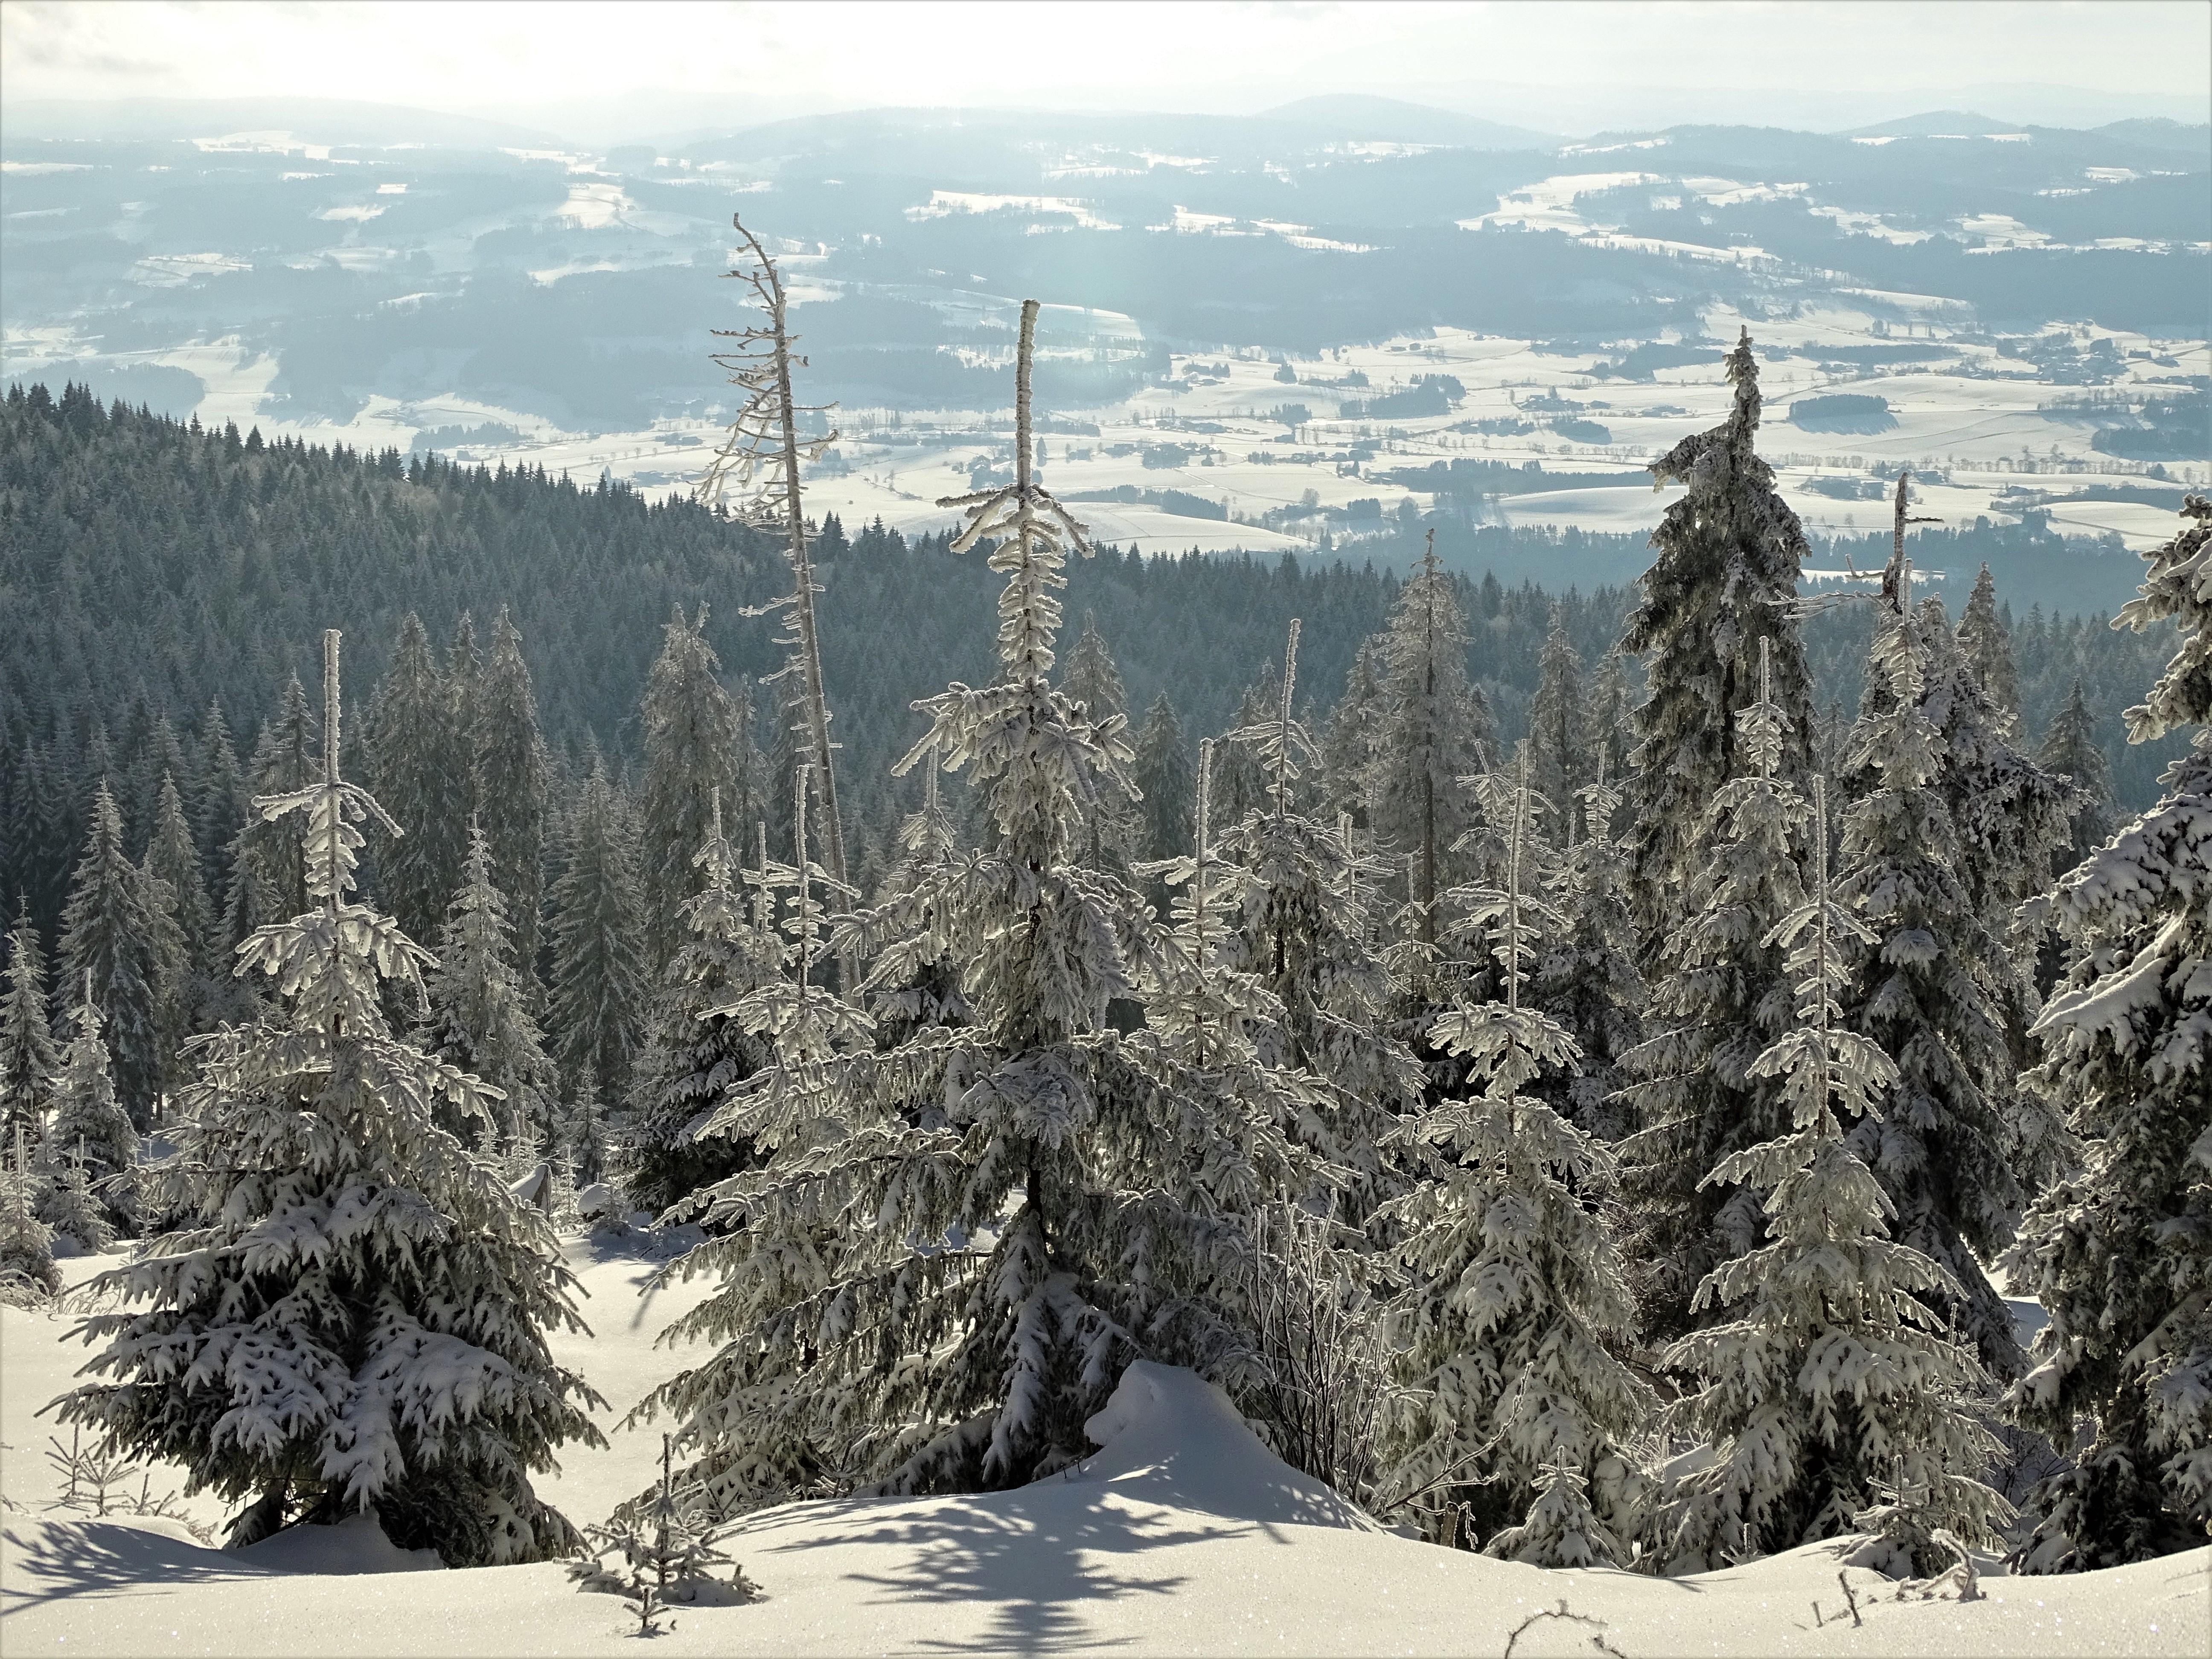 7-Dreisessel-Bayerischer-Wald-Nadia-Baumgart